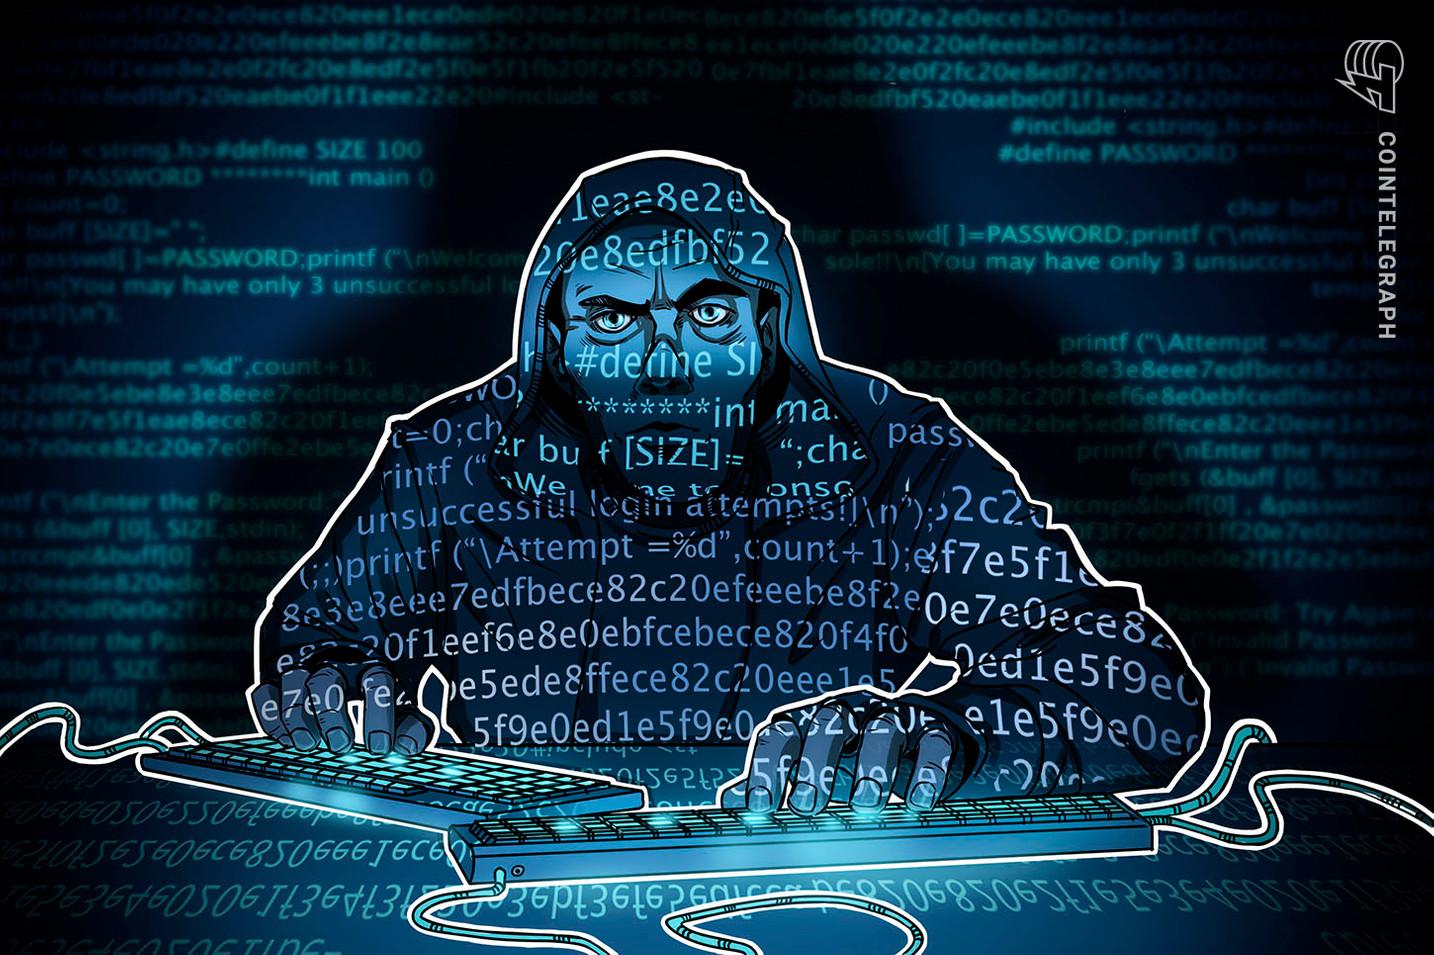 Gli hacker di Bitfinex hanno spostato altri 12 milioni di dollari in BTC